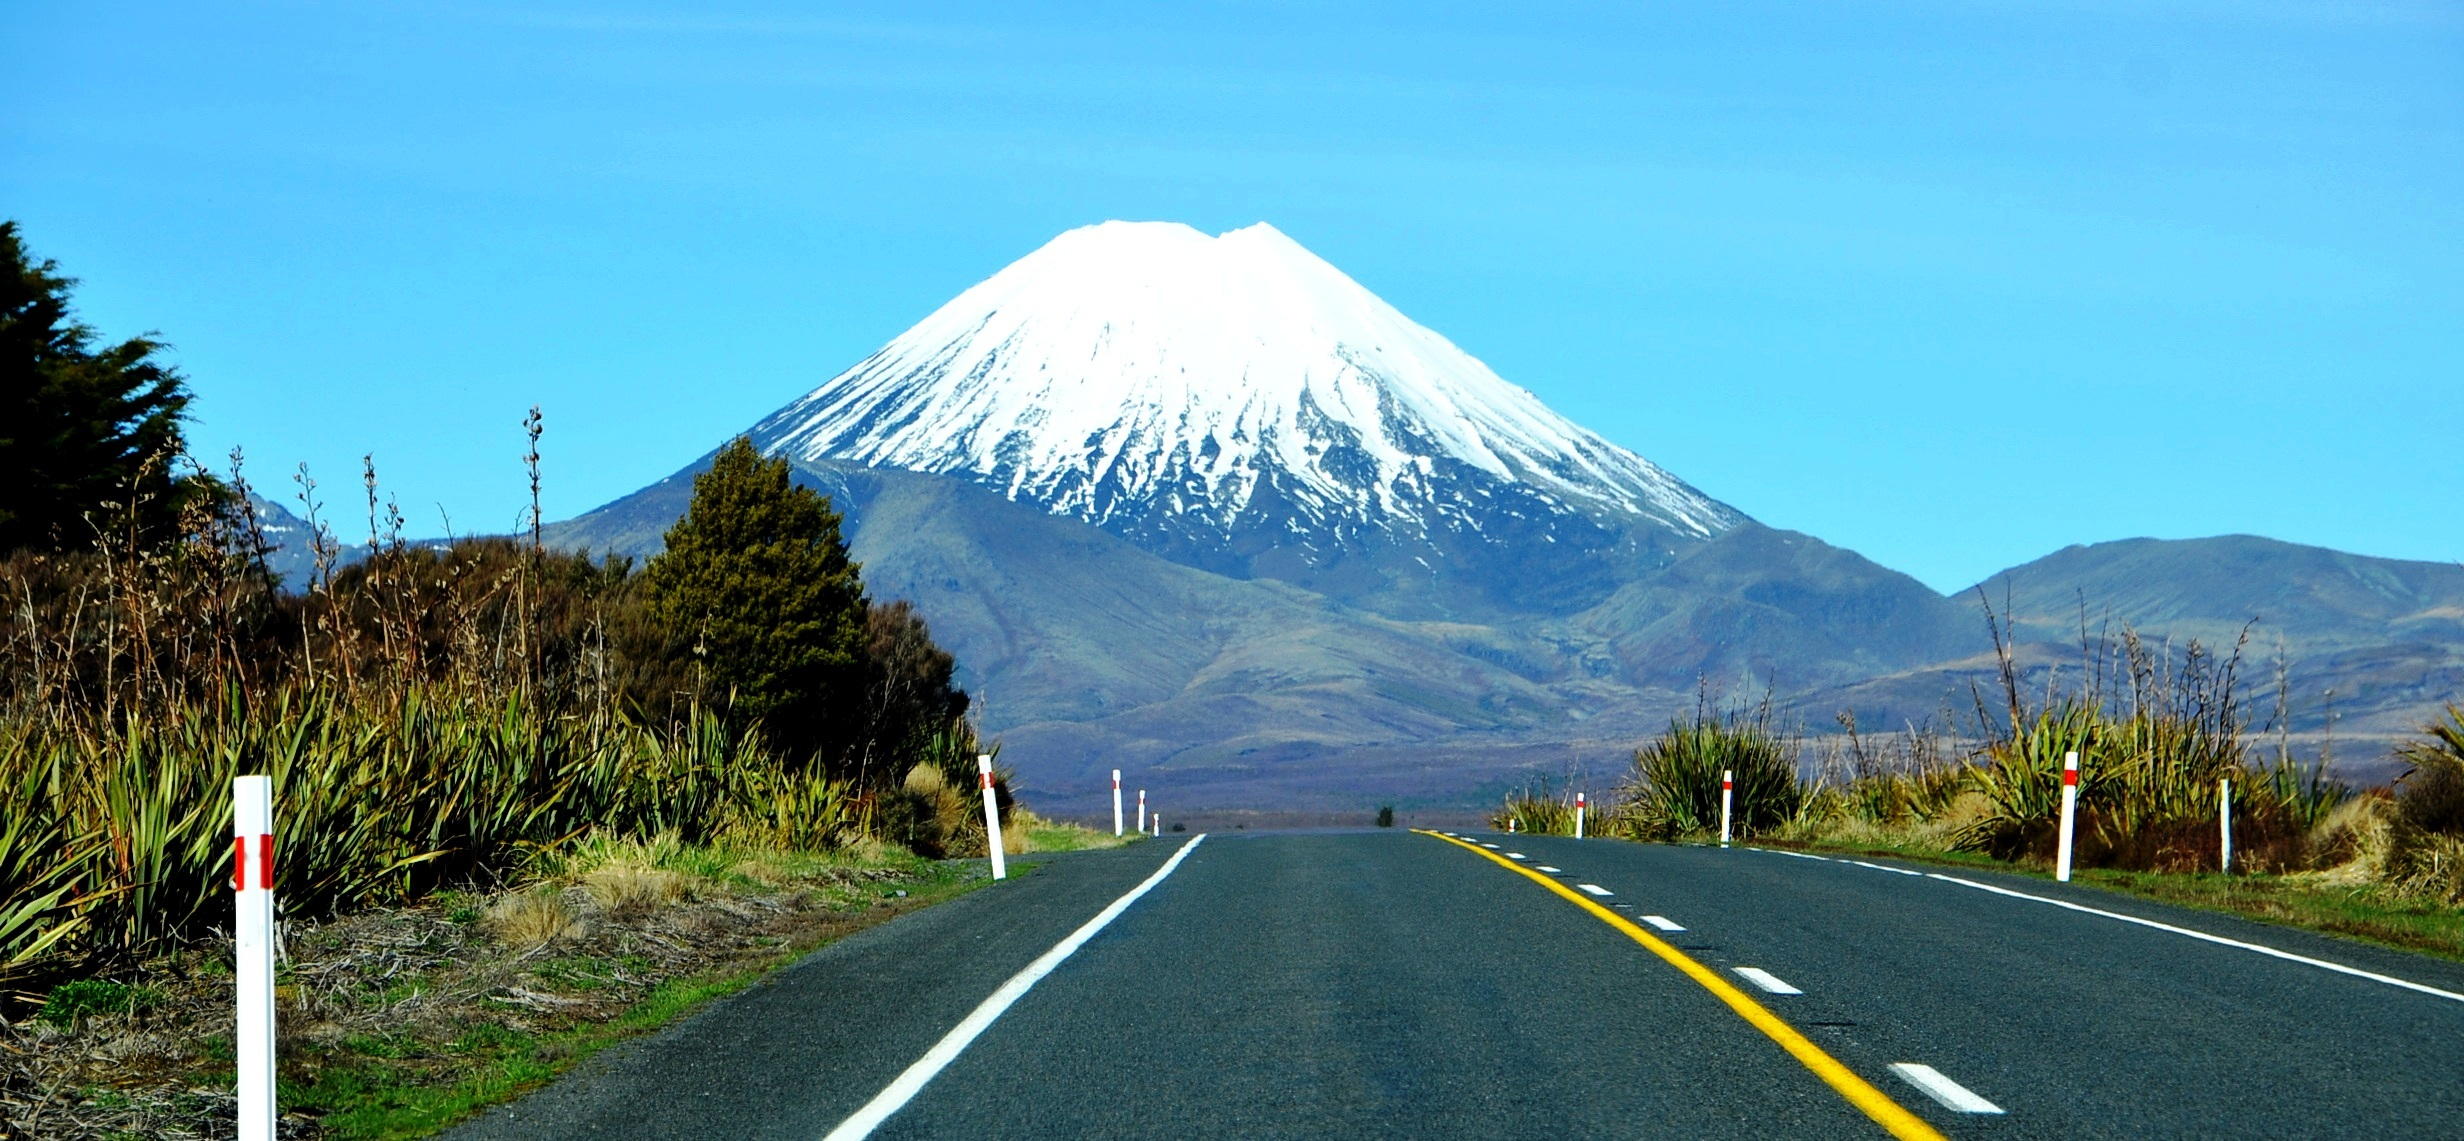 Затерянный мир! Лучшие места Новой Зеландии за 12 дней